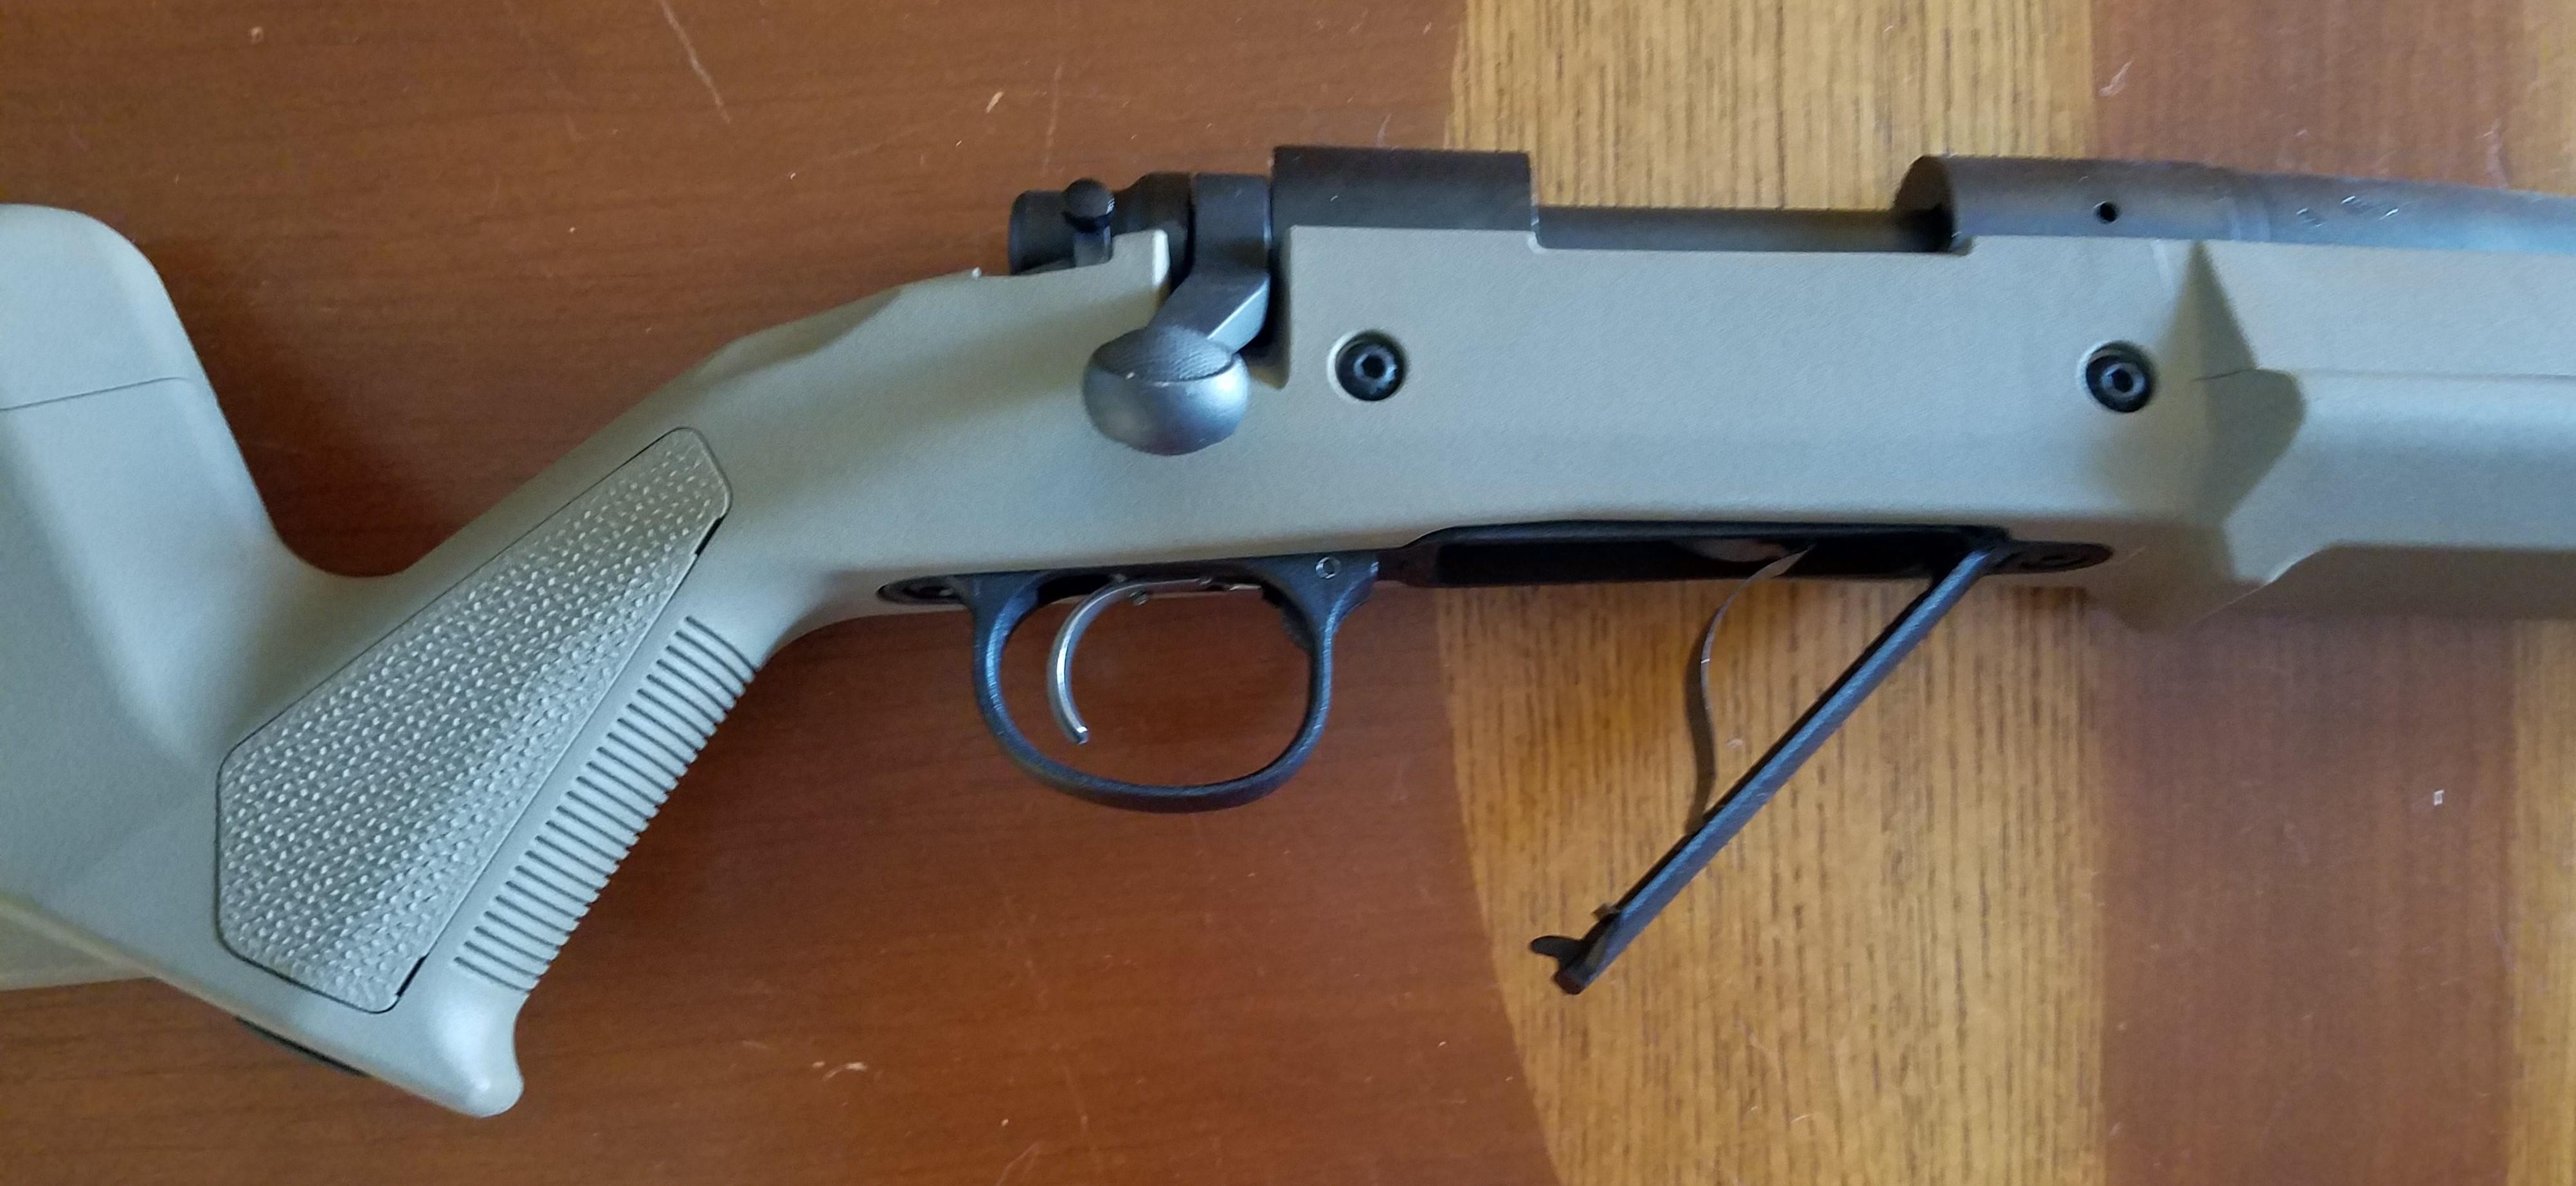 WTS: Remington SPS Varmint, 26